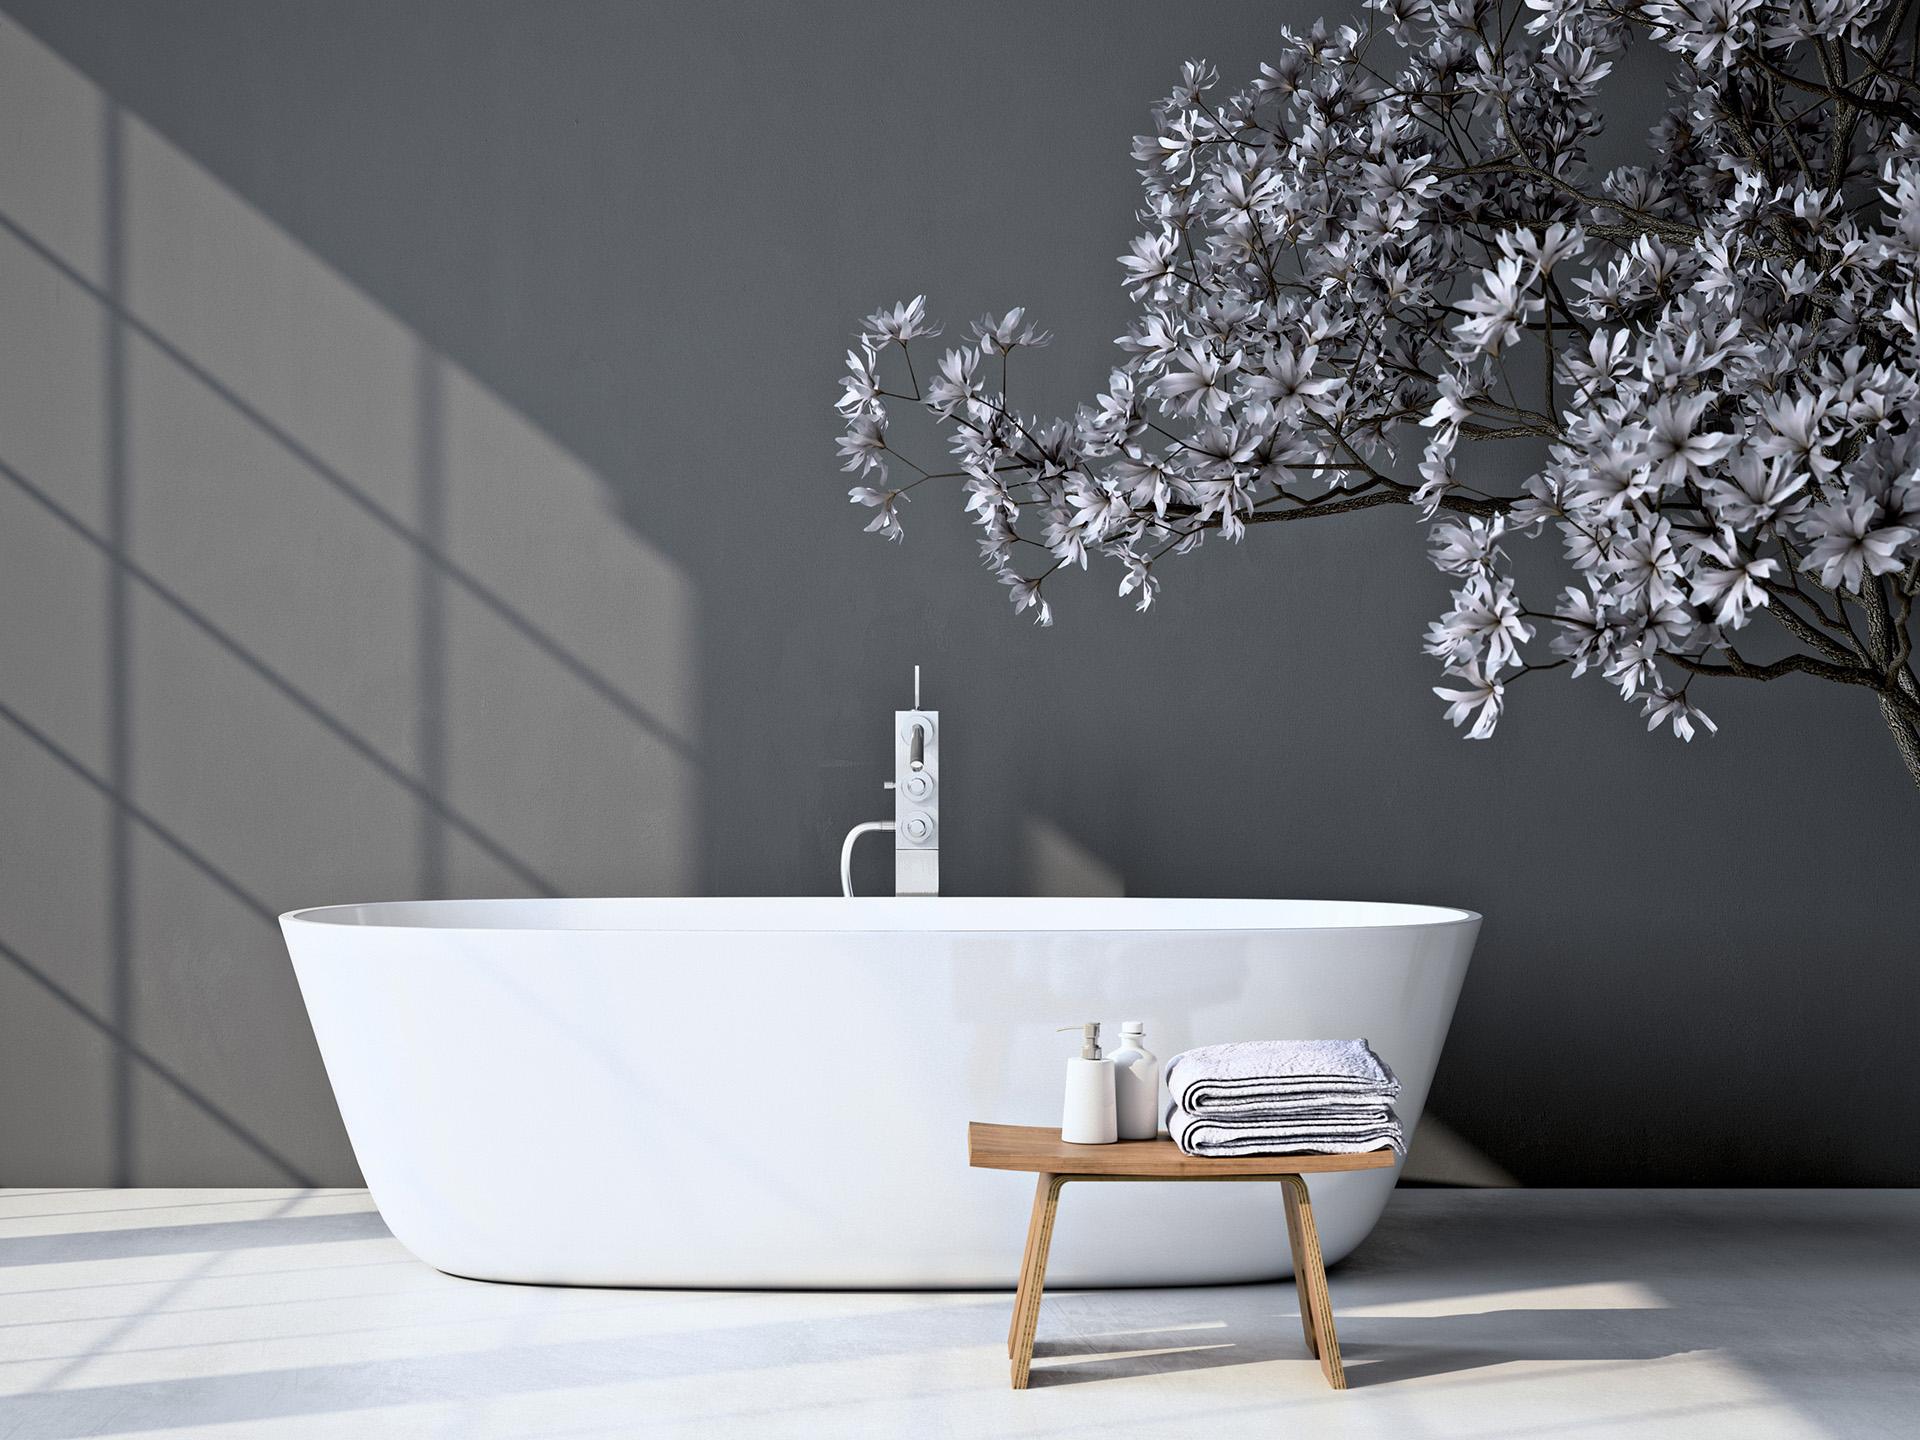 Festpreisbad Badideen Elegante freihstehende Badewanne 21